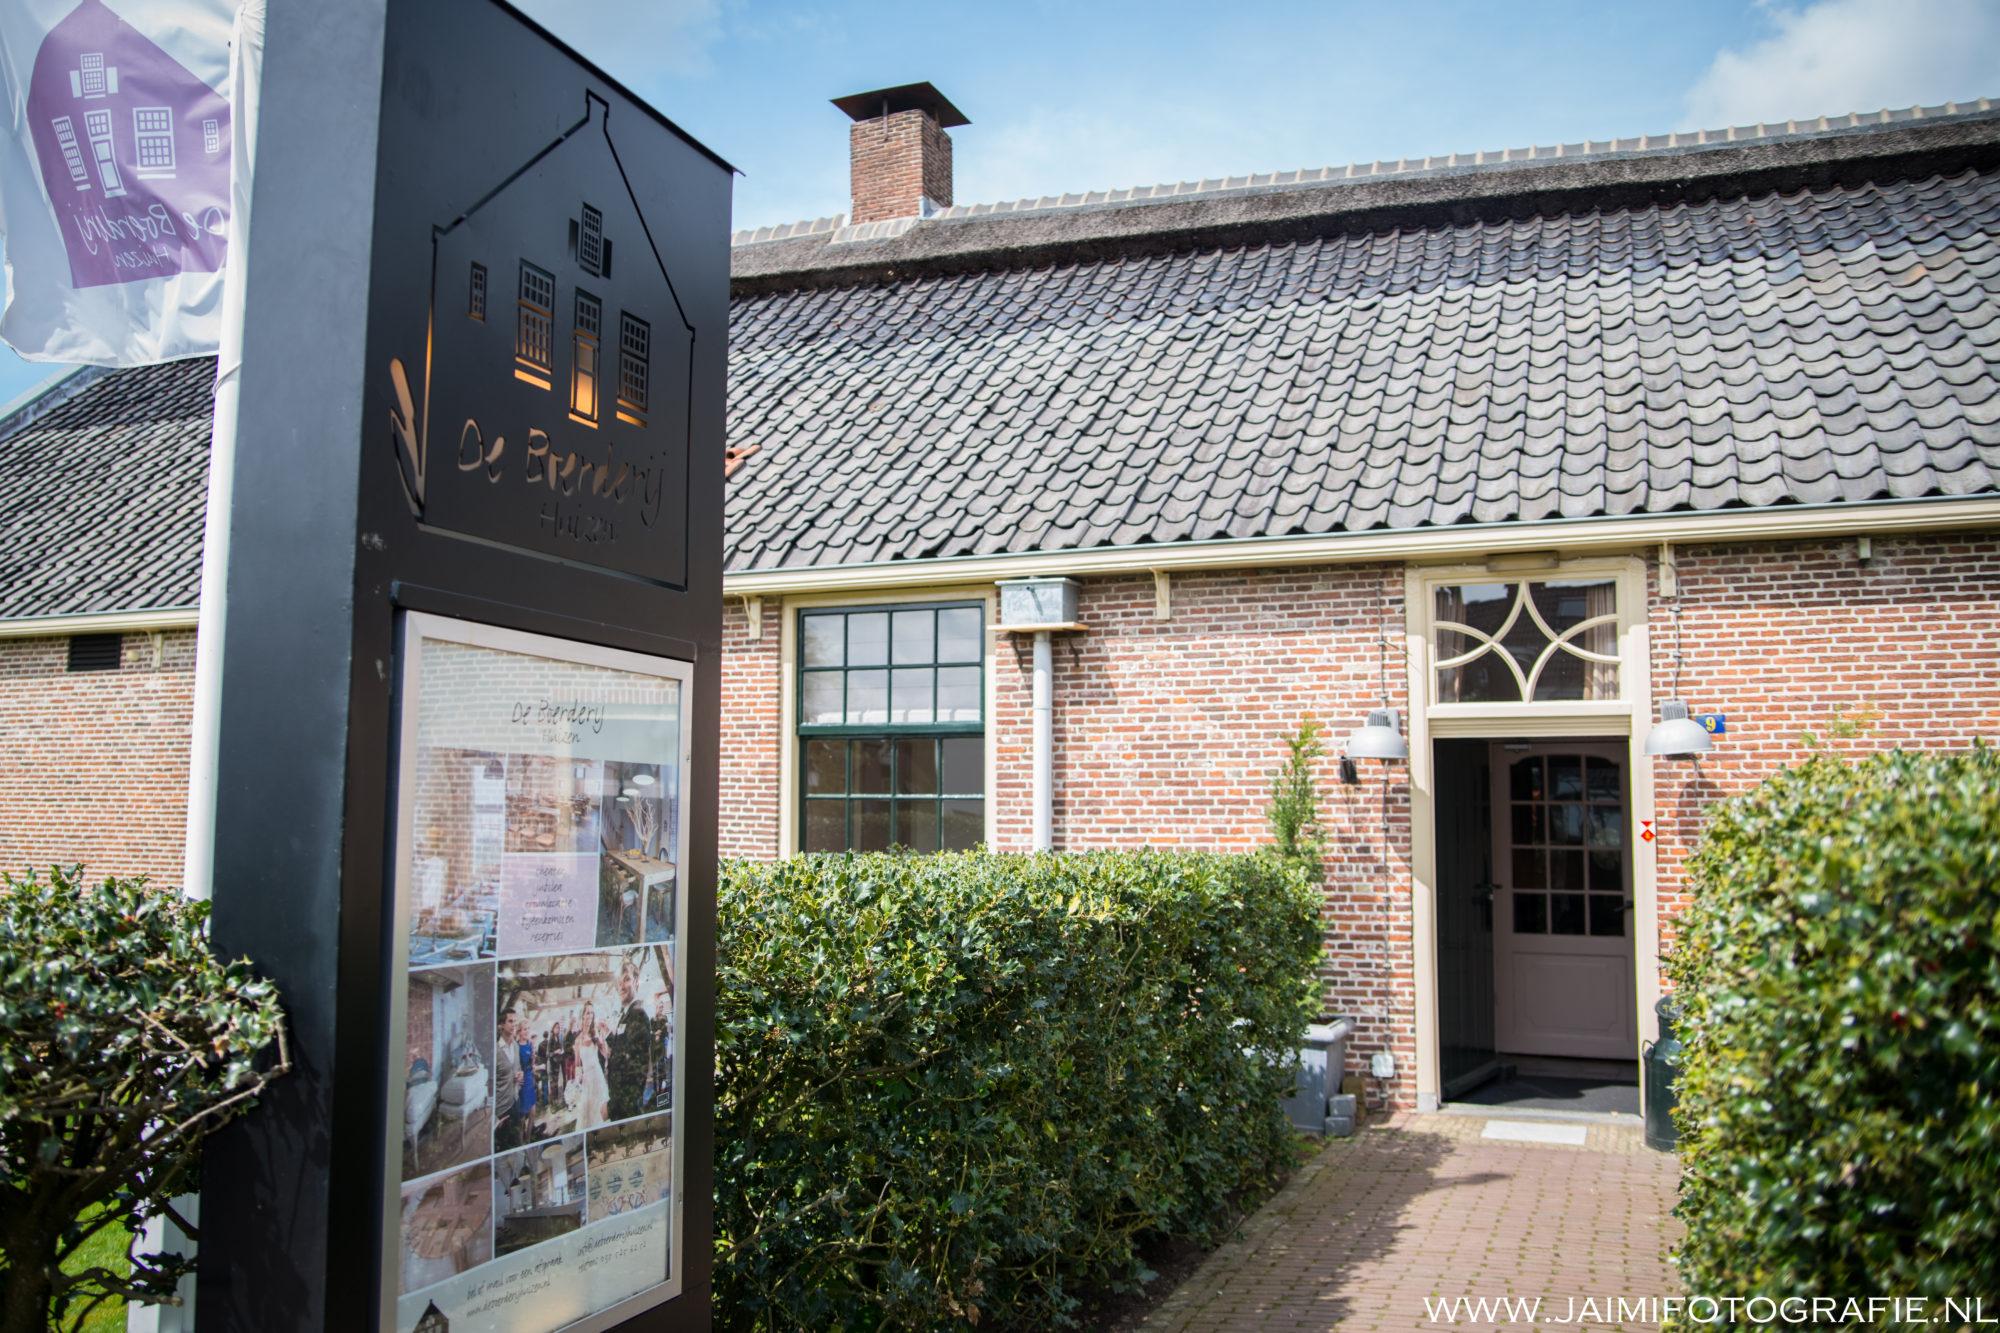 Boerderij Huizen Theater : Verkooppunten openingstijden de boerderij huizen